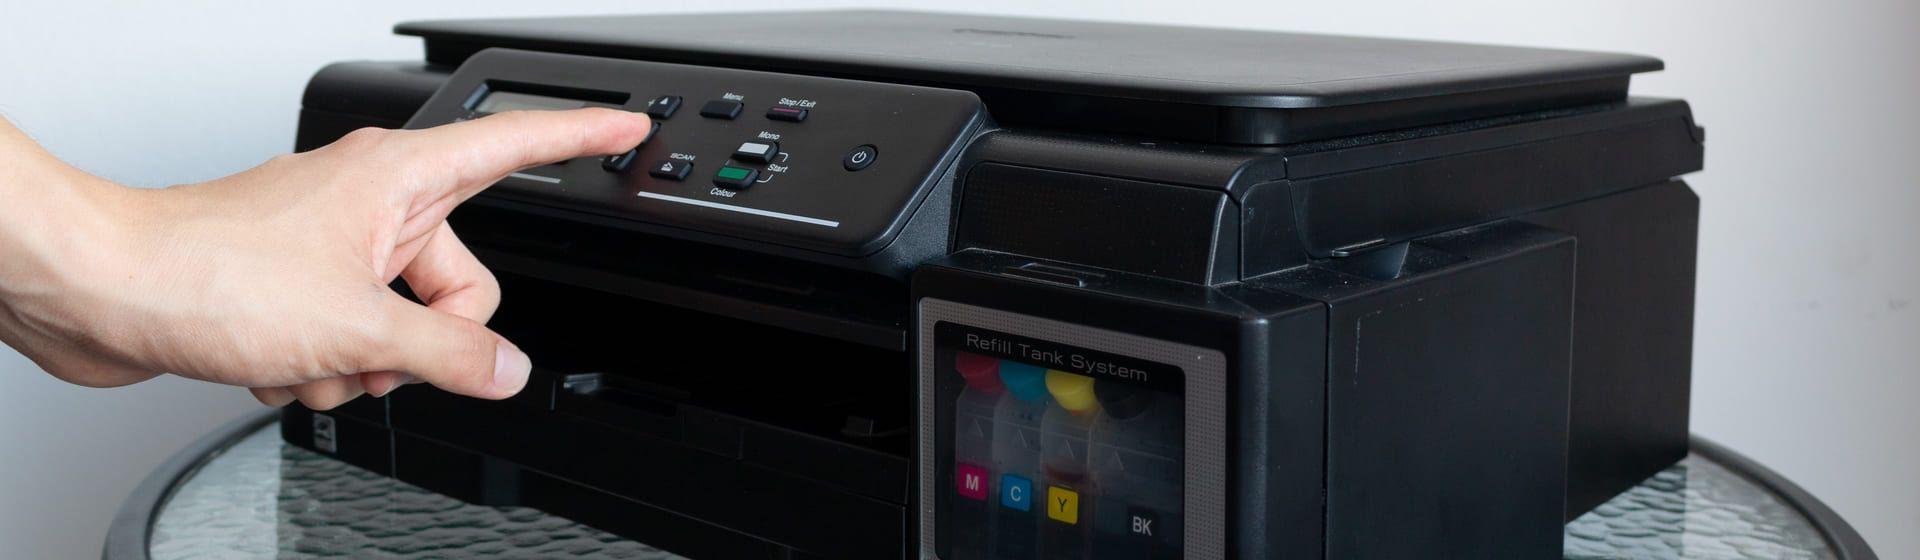 Impressoras mais vendidas de março de 2021: Epson L3150 segue líder